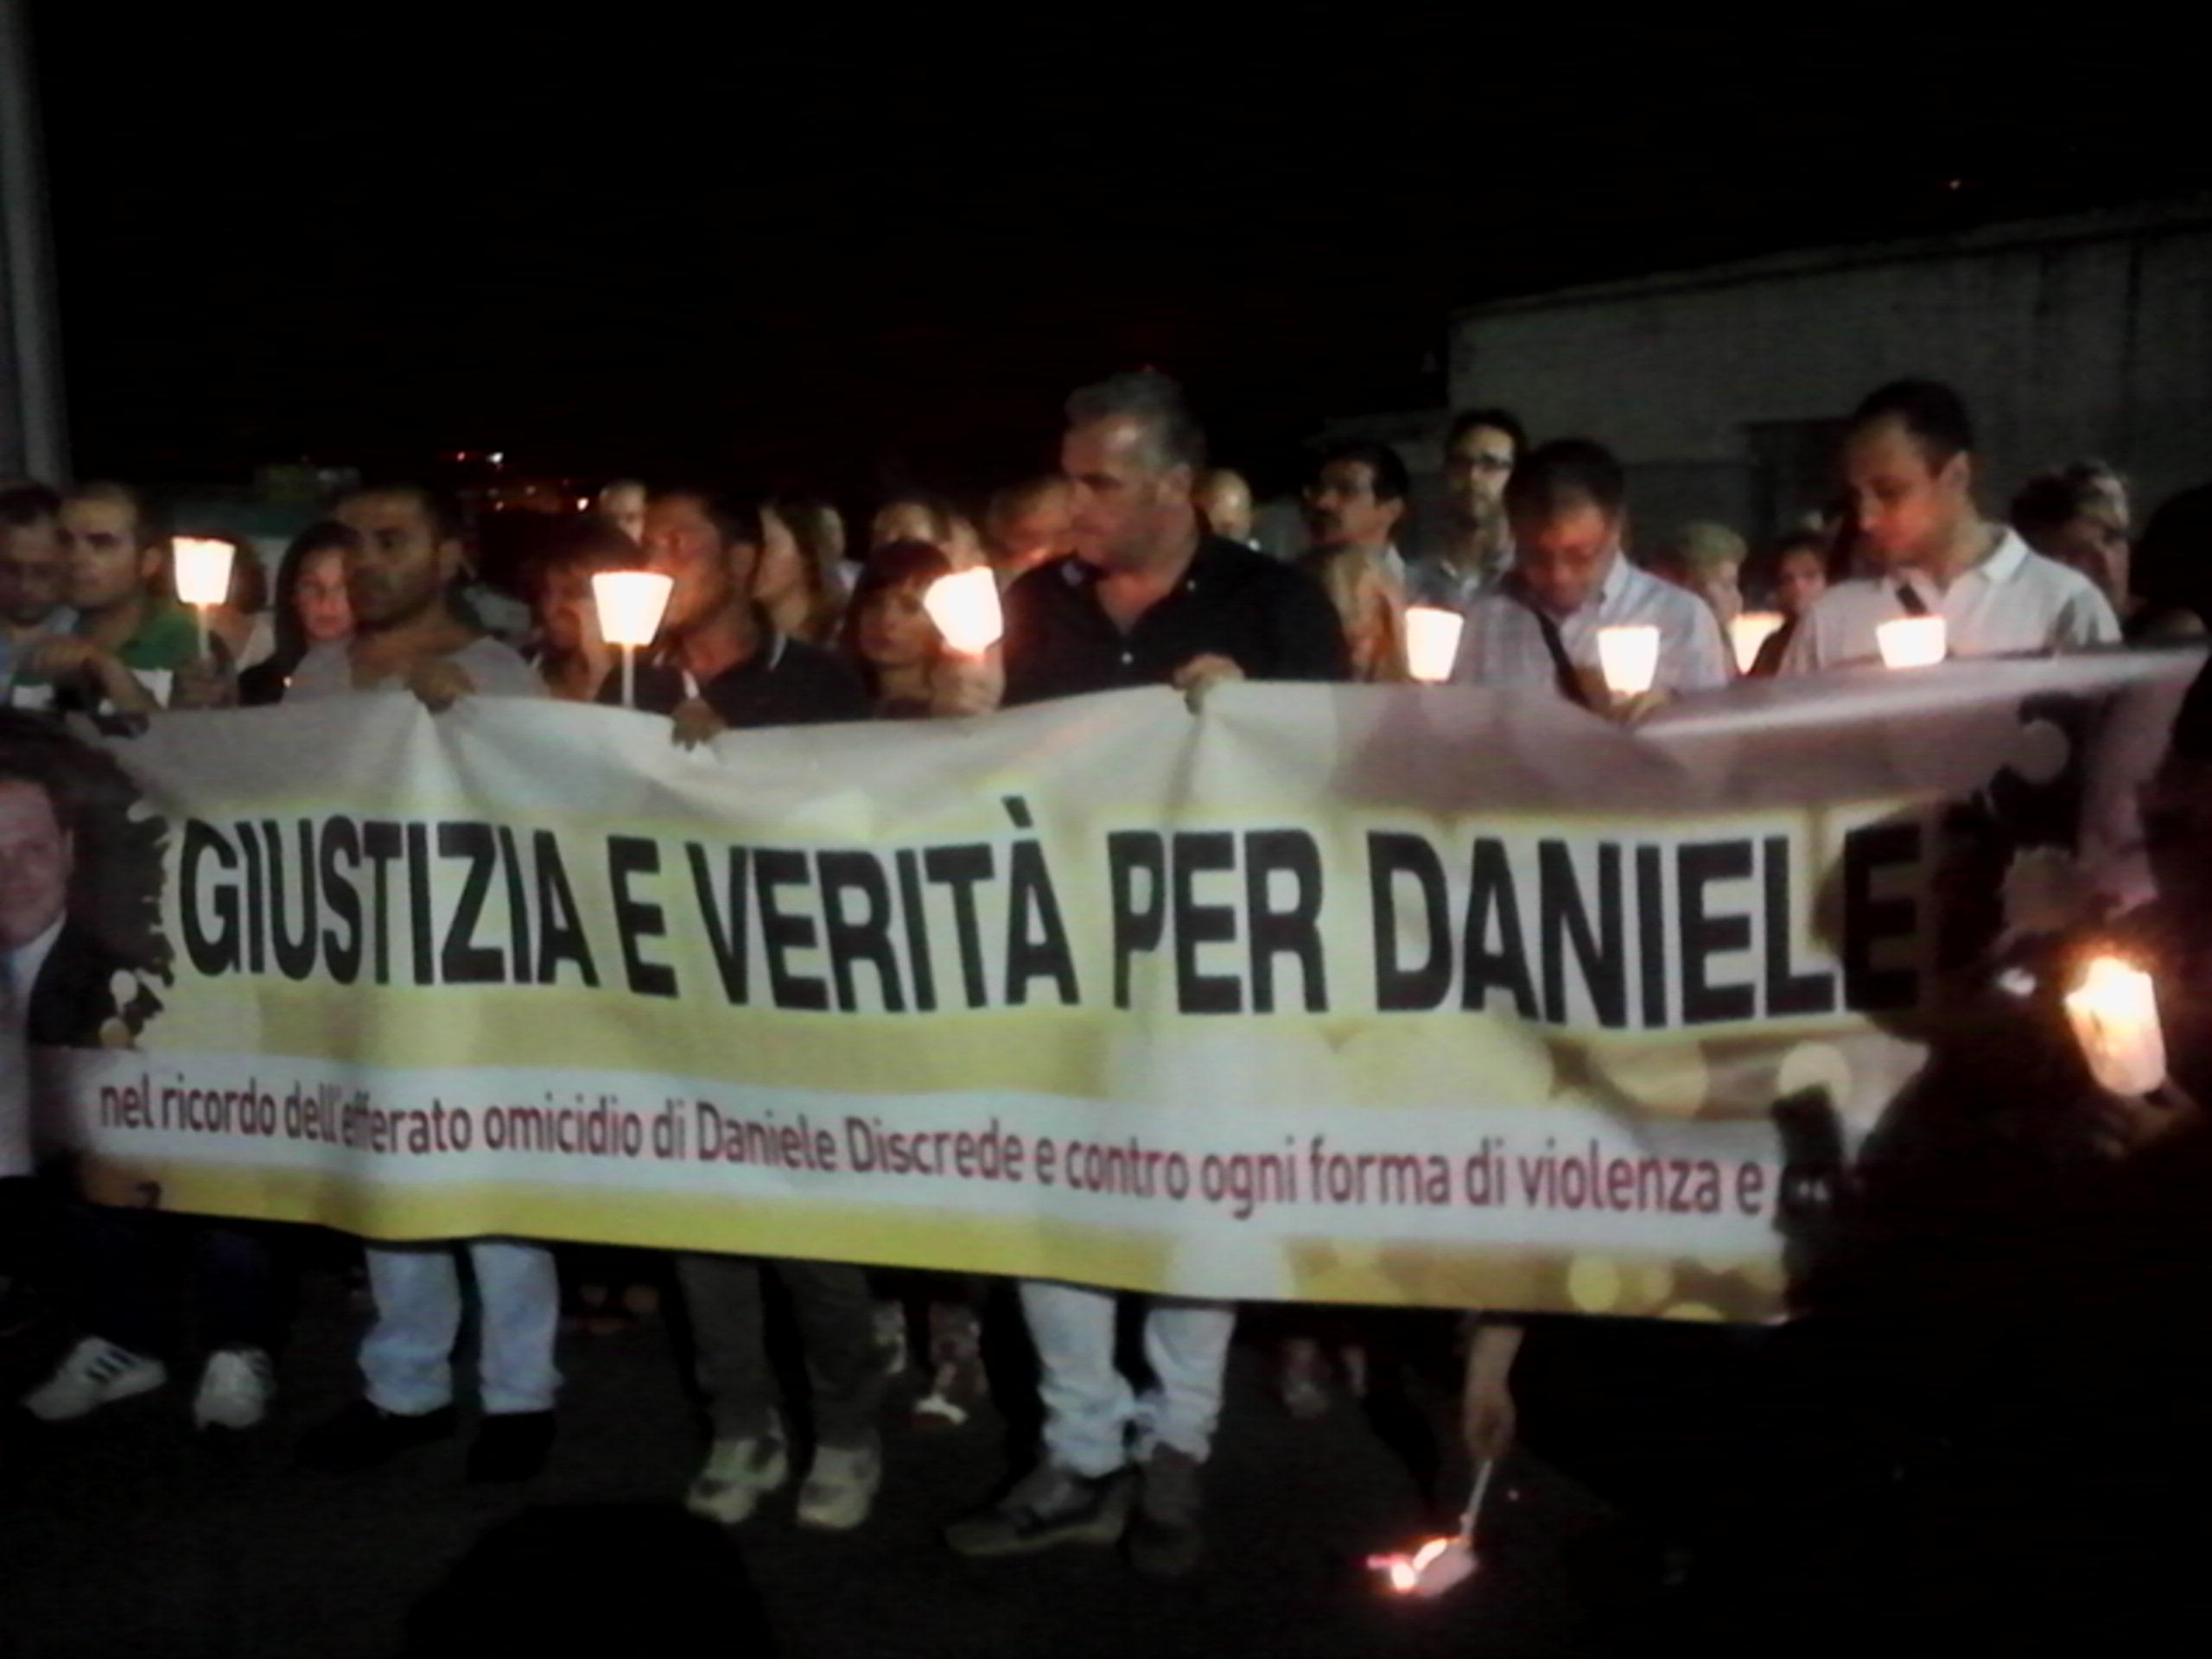 Le Candele Palermo.Candele Accese Per Daniele Discrede Così Muore La Notte Di